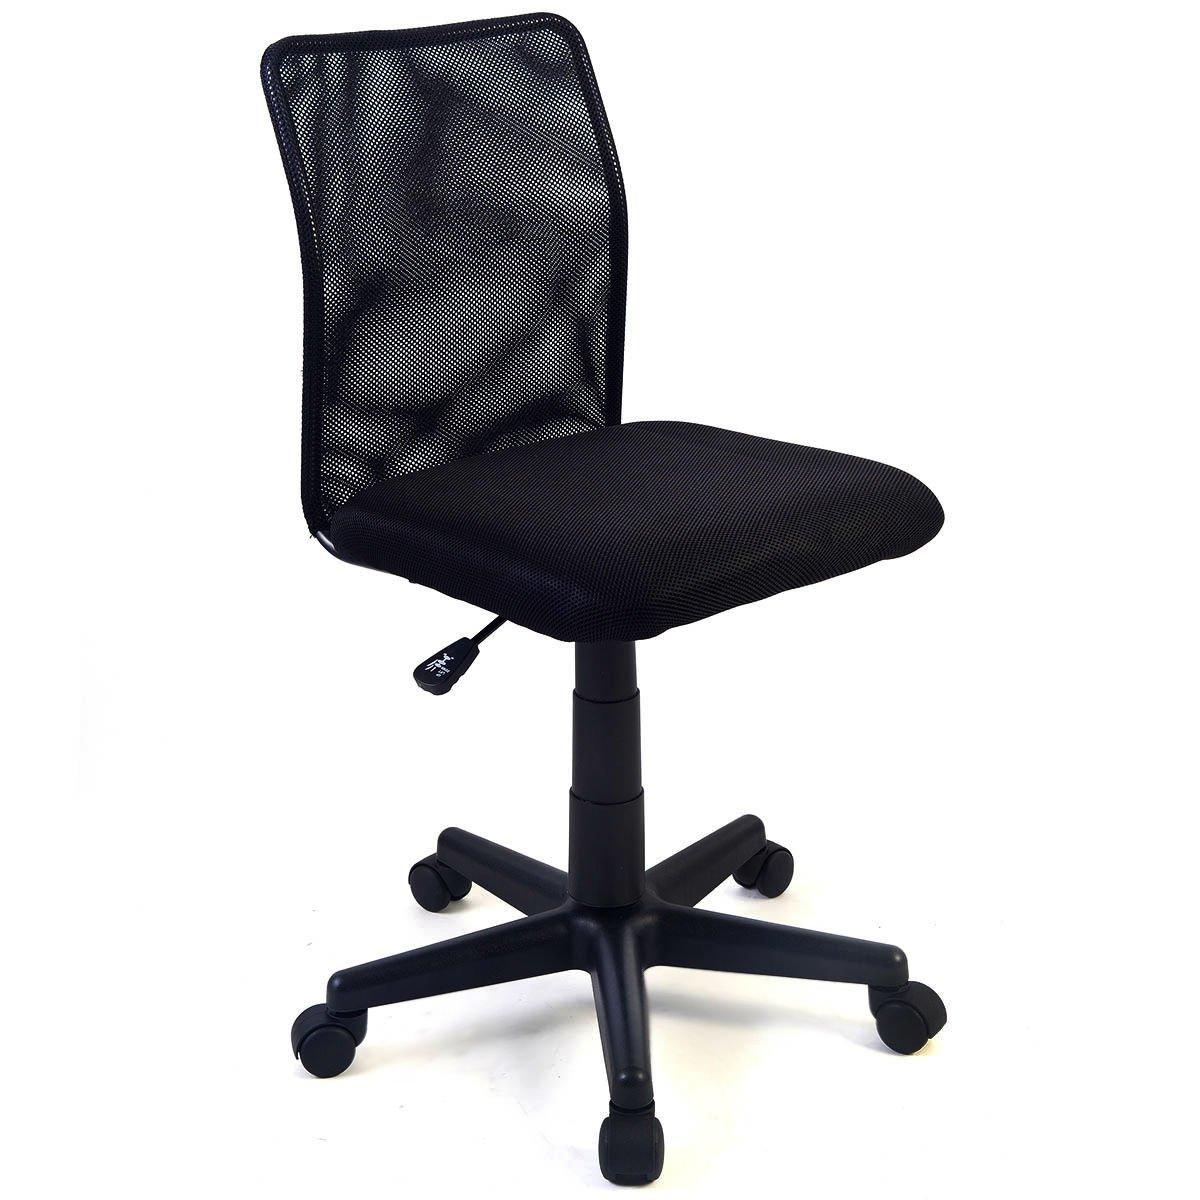 HPD New Mid-back Adjustable Ergonomic Mesh Swivel Durable Office Desk Task Chair